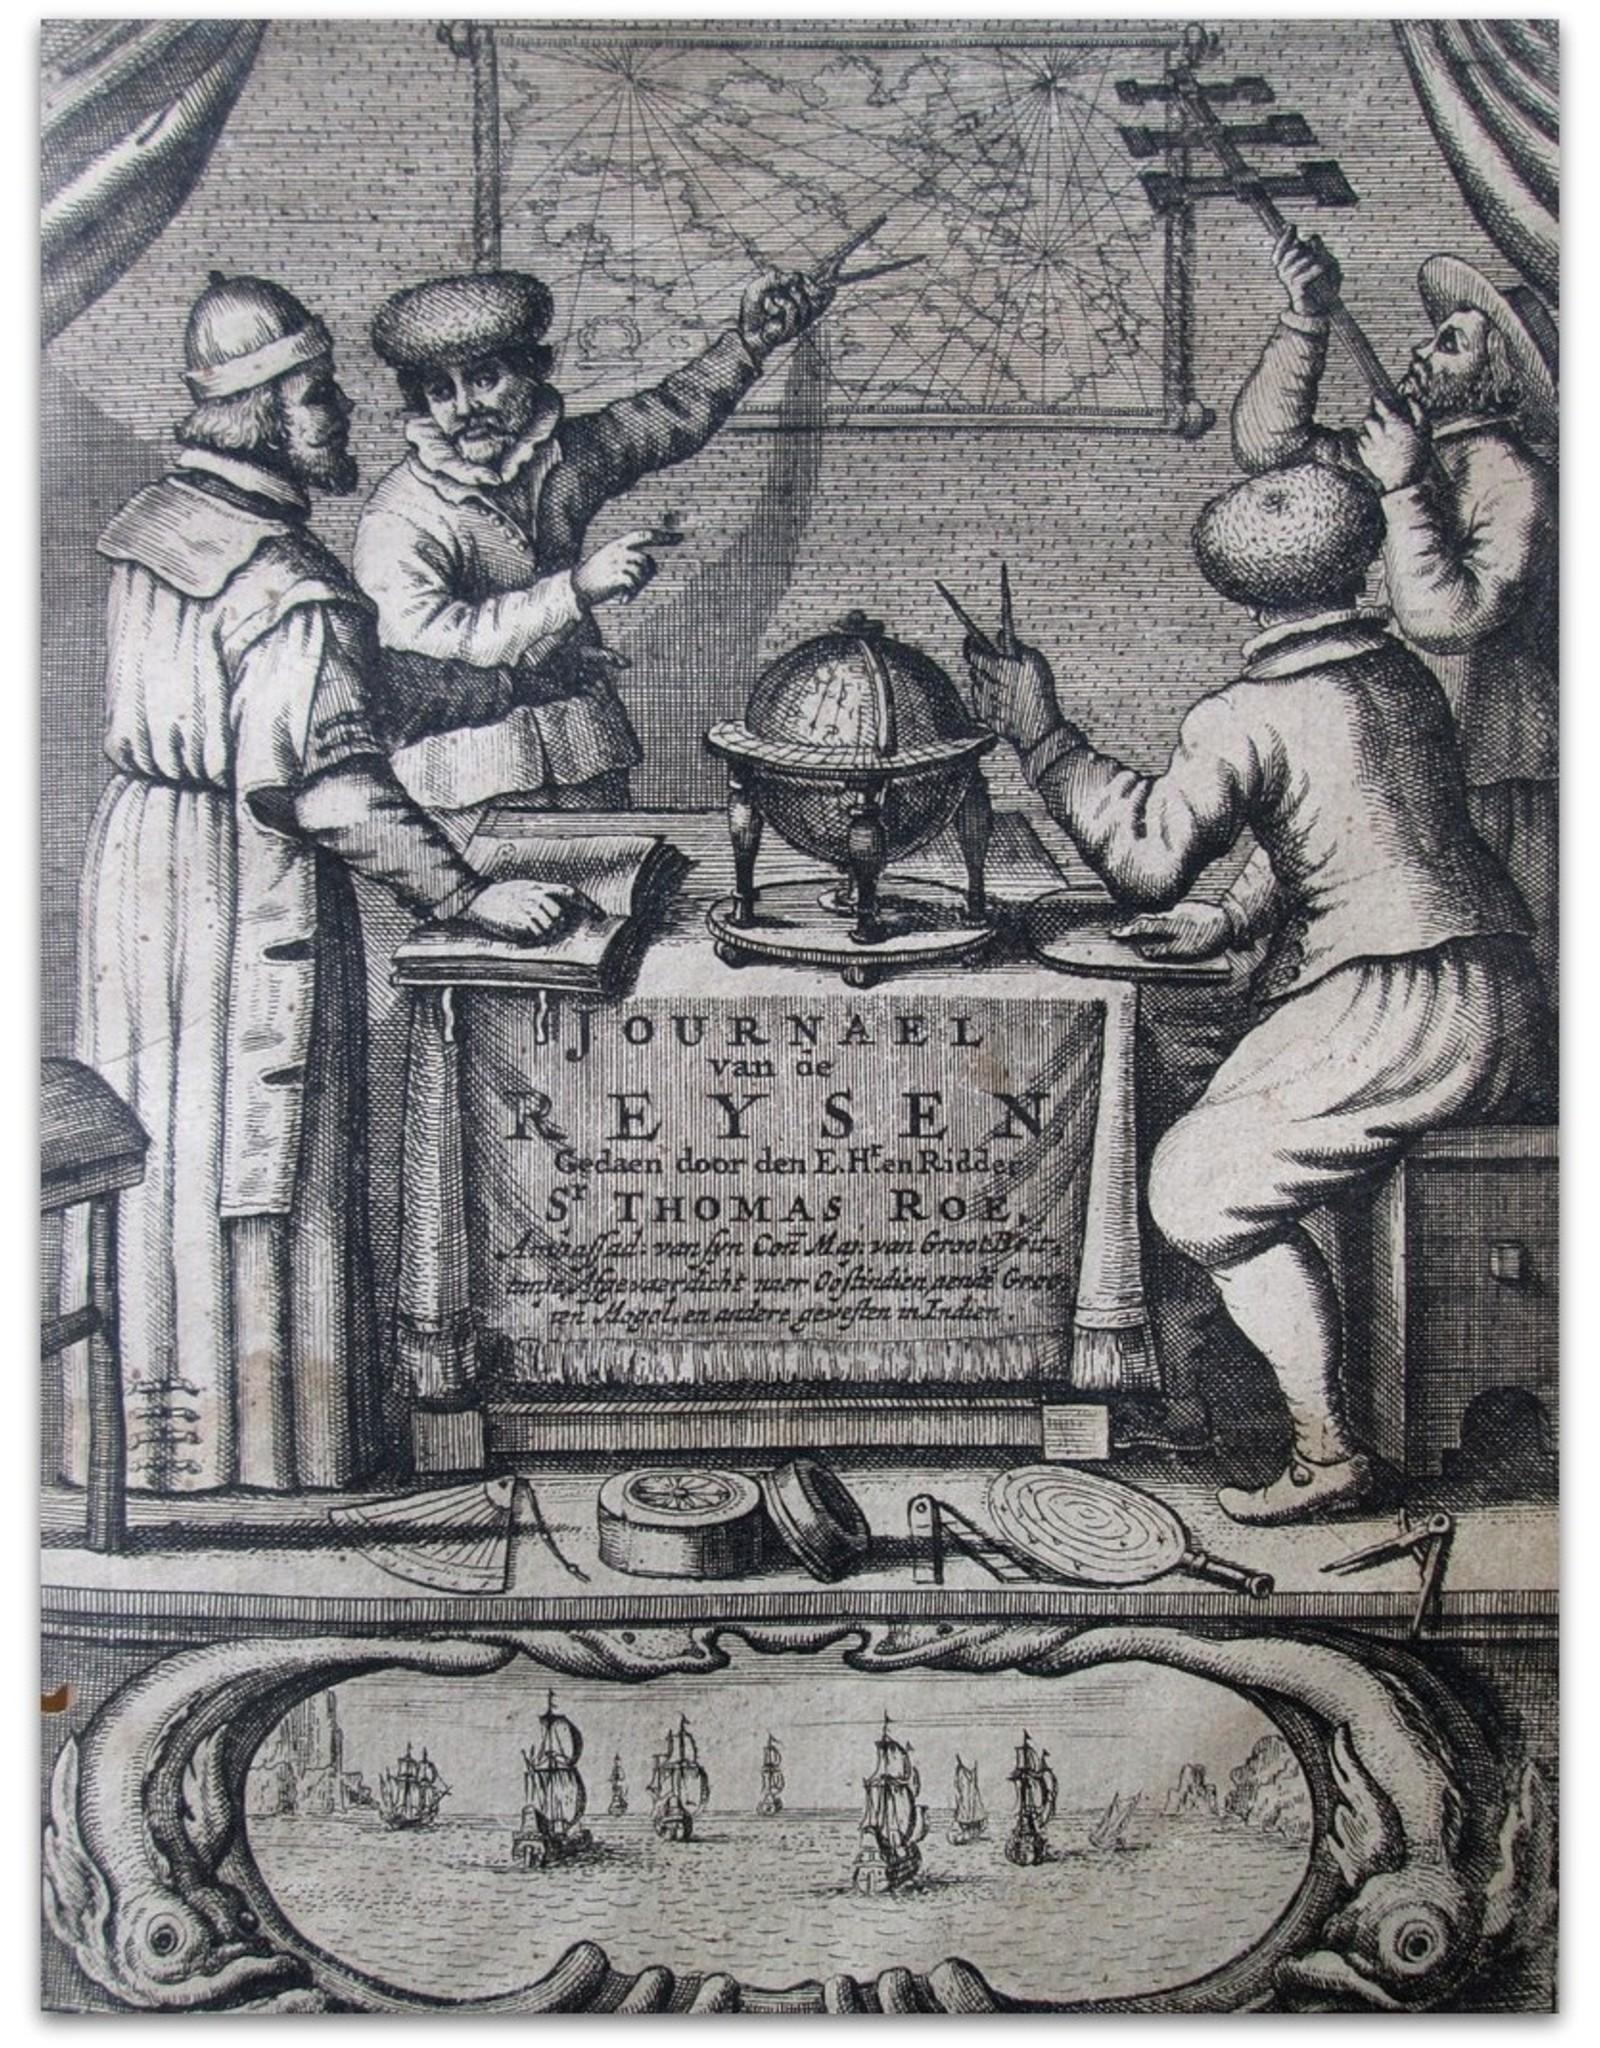 Journael van de Reysen ghedaen door den Ed. Heer en Ridder Sr. Thomas Roe [...] naer Oostindien aen den Grooten Mogol, ende andere ghewesten in Indien [...] Uyt het Engels vertaalt, ende met Copere Figuren verciert